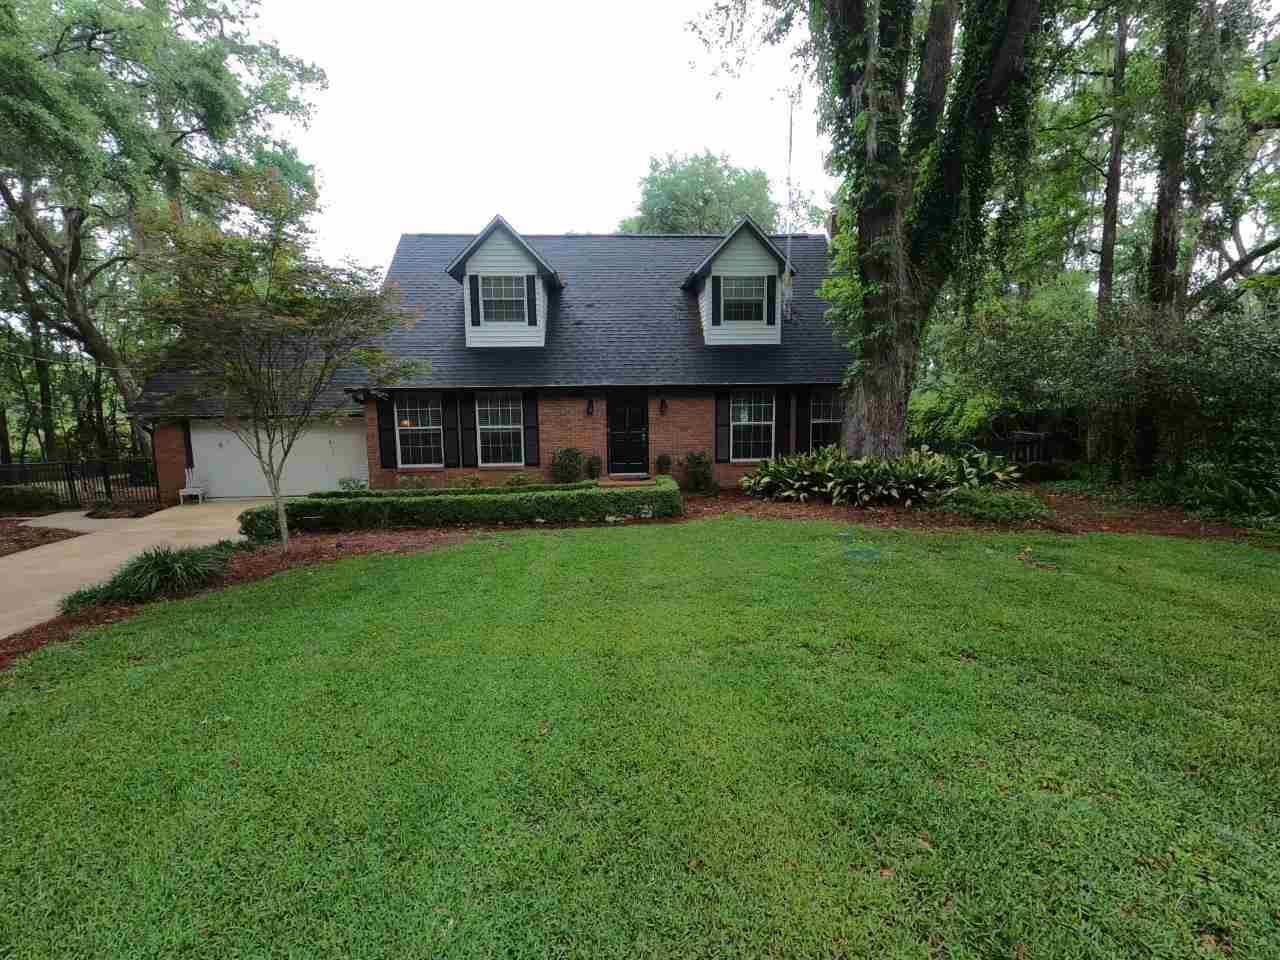 3908 Wood Green Way, Tallahassee, FL 32309 - MLS#: 331671